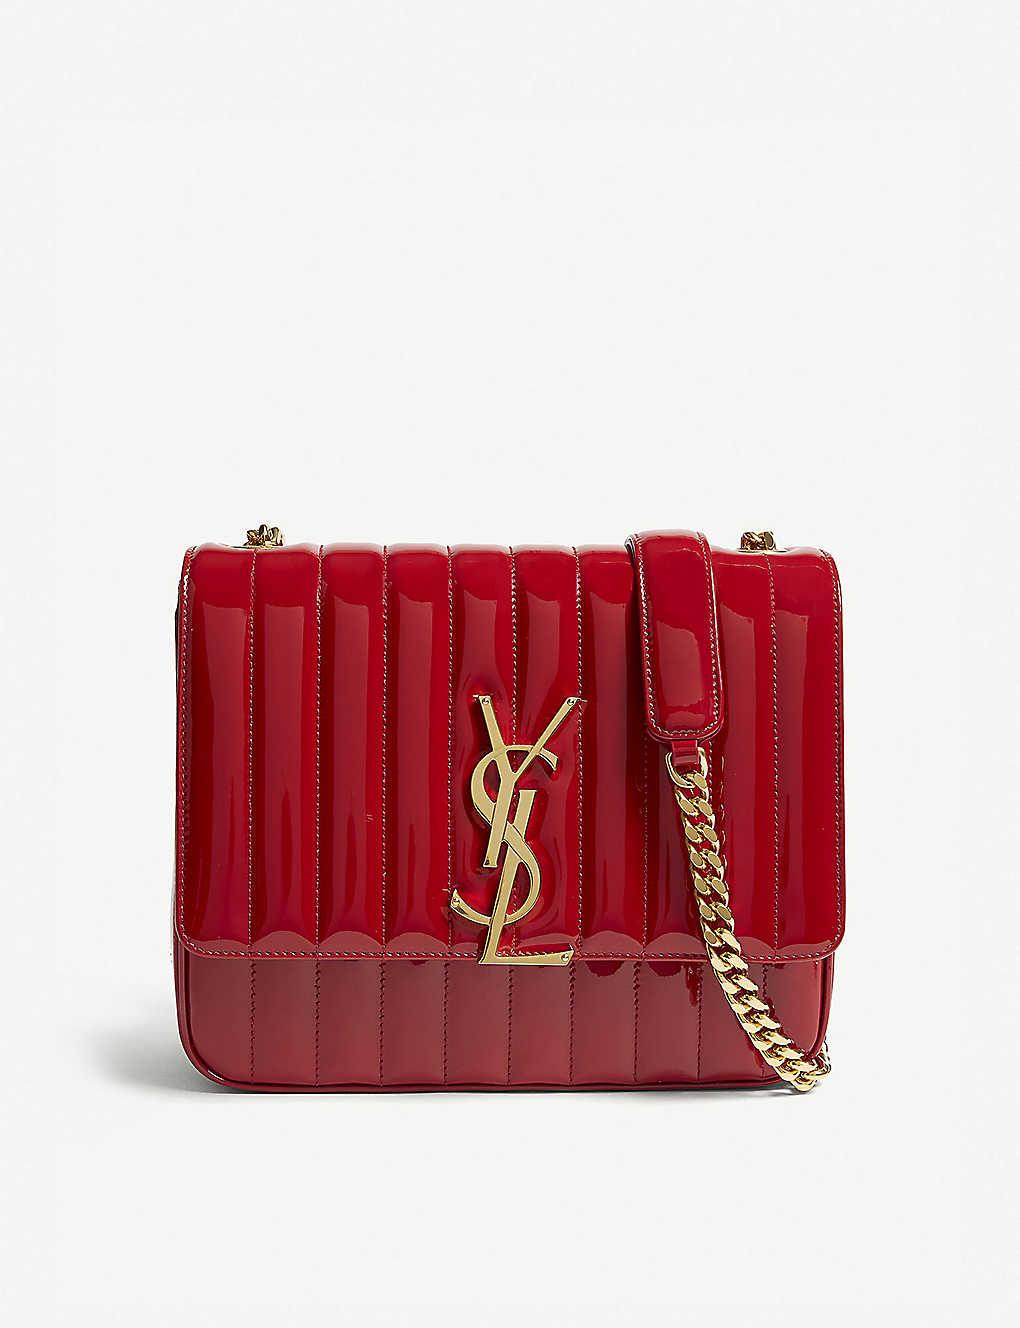 SAINT LAURENT - Vicky large patent leather shoulder bag  c10962c682af3